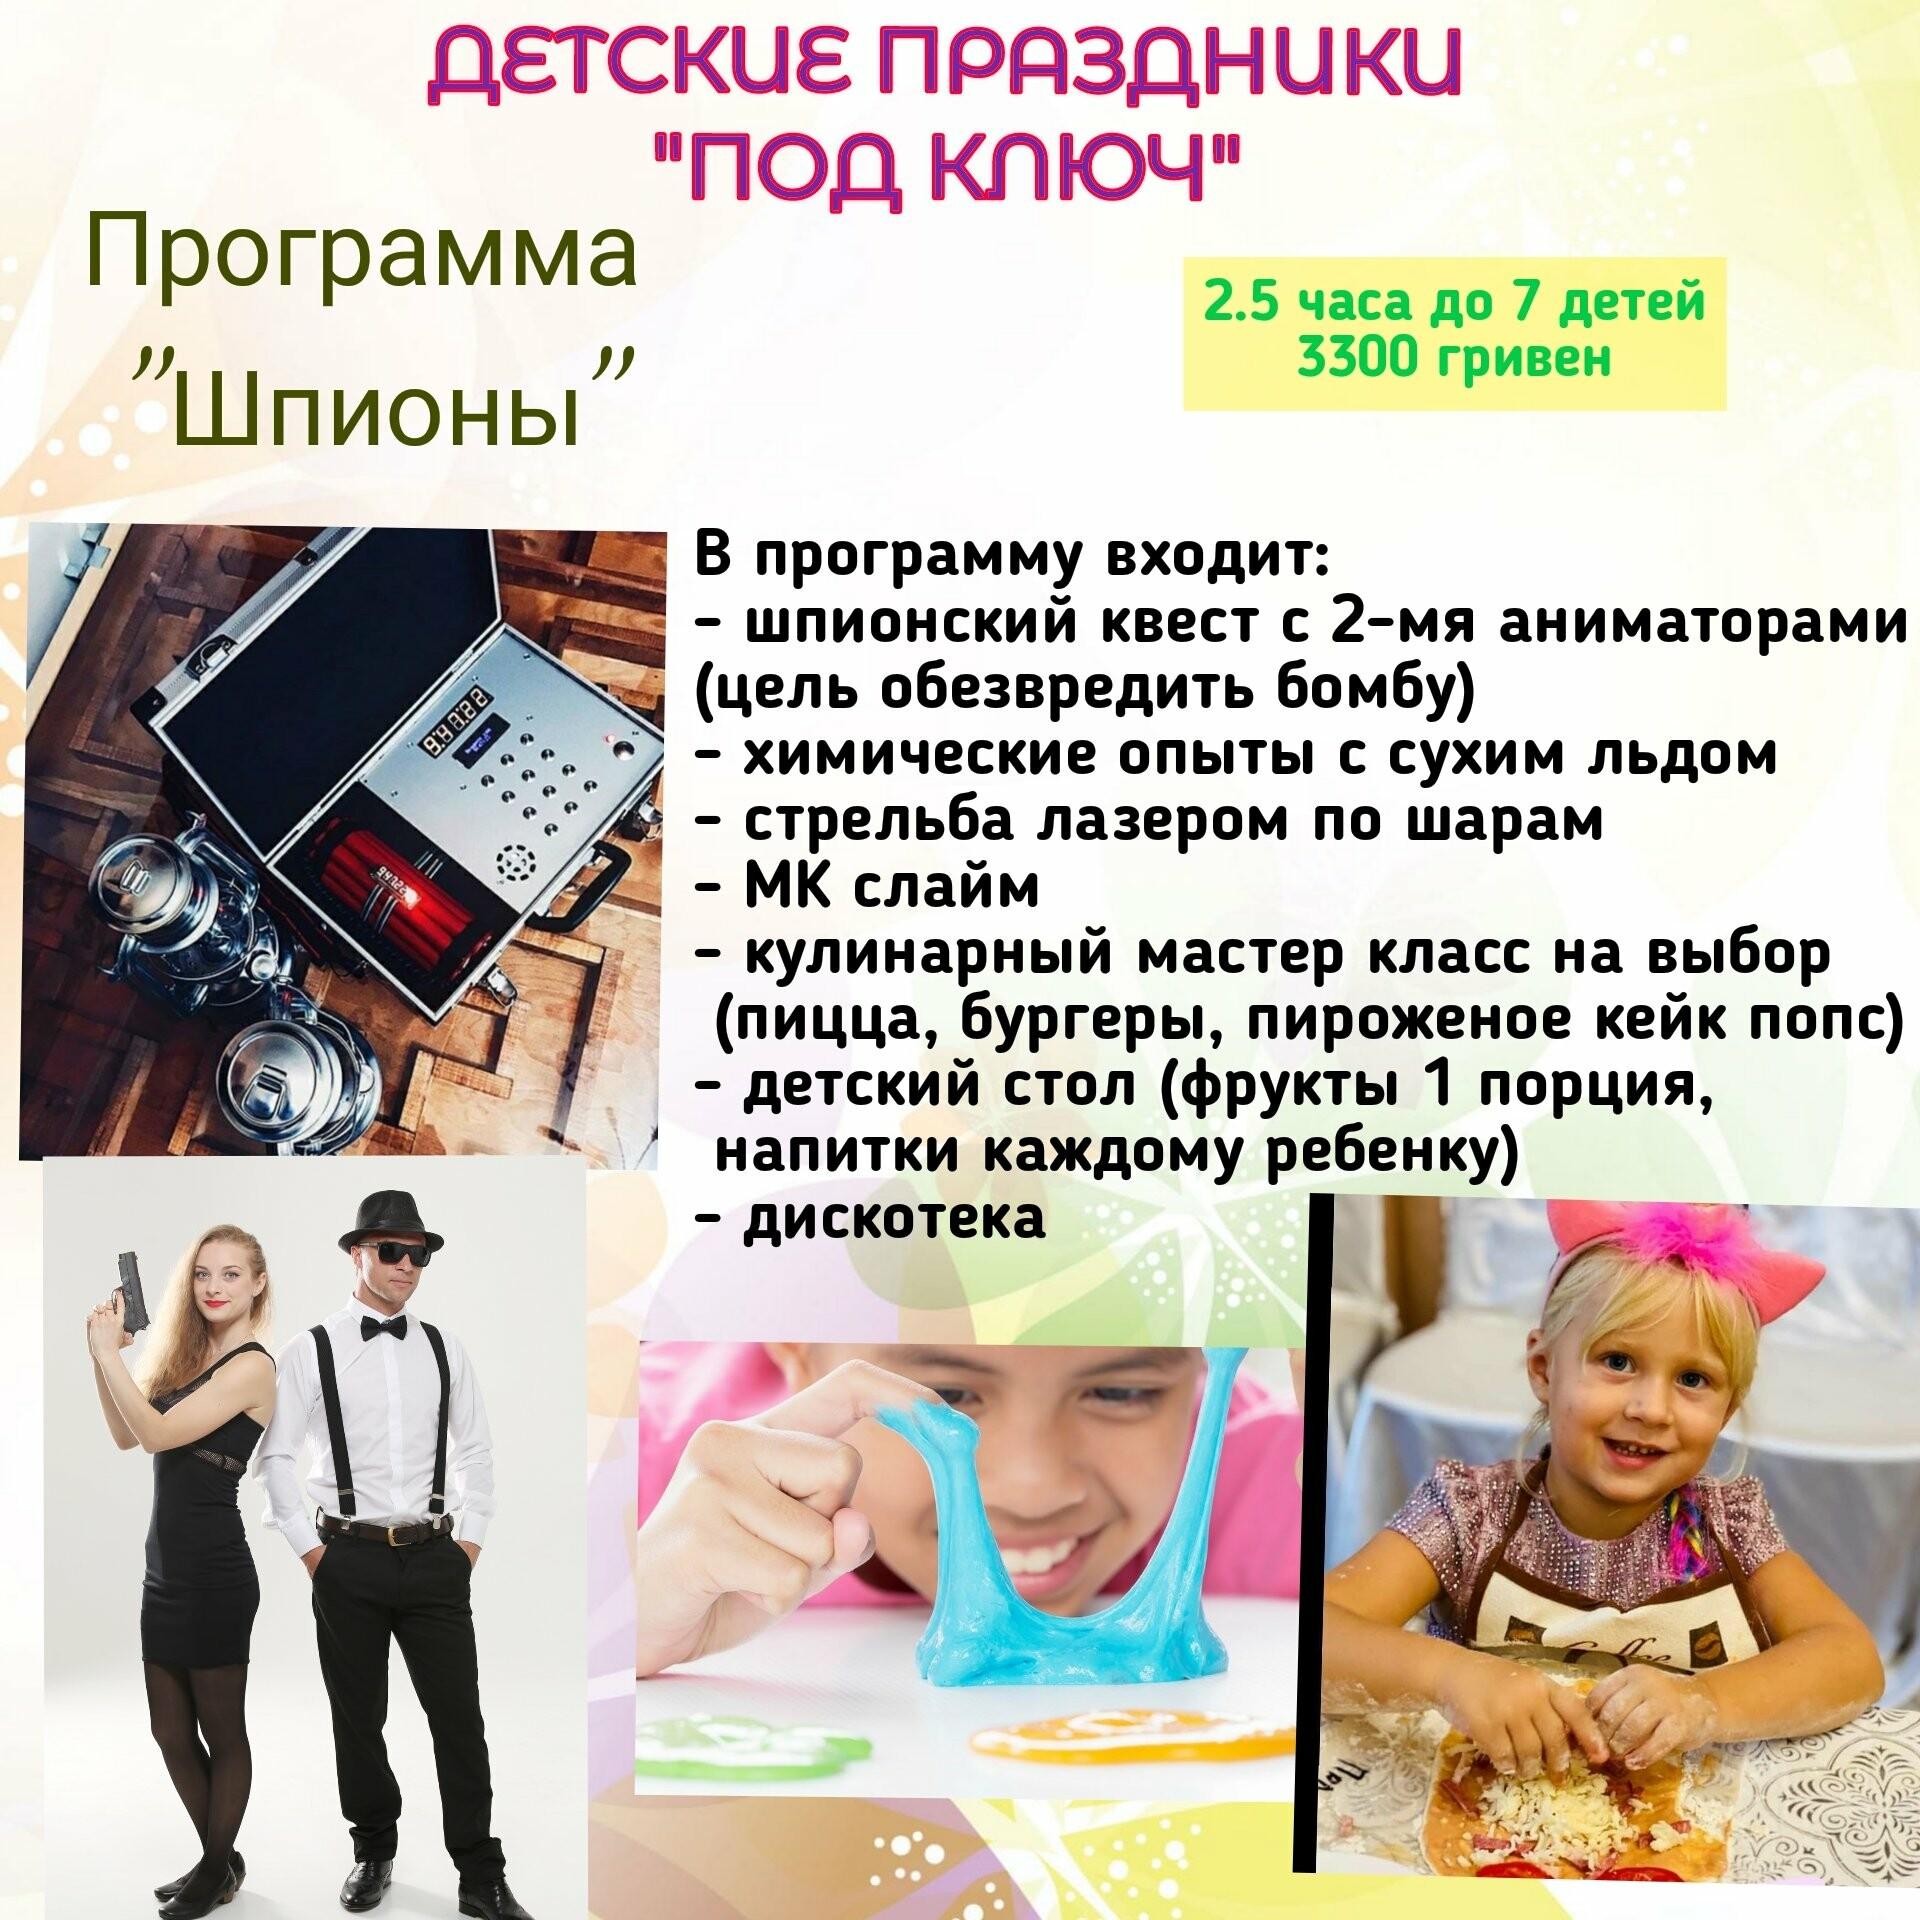 Детский день рождения в Запорожье, выпускной в Запорожье, праздник для именинника в Запорожье только у нас - ресторанный комплекс Раут г...., фото-6